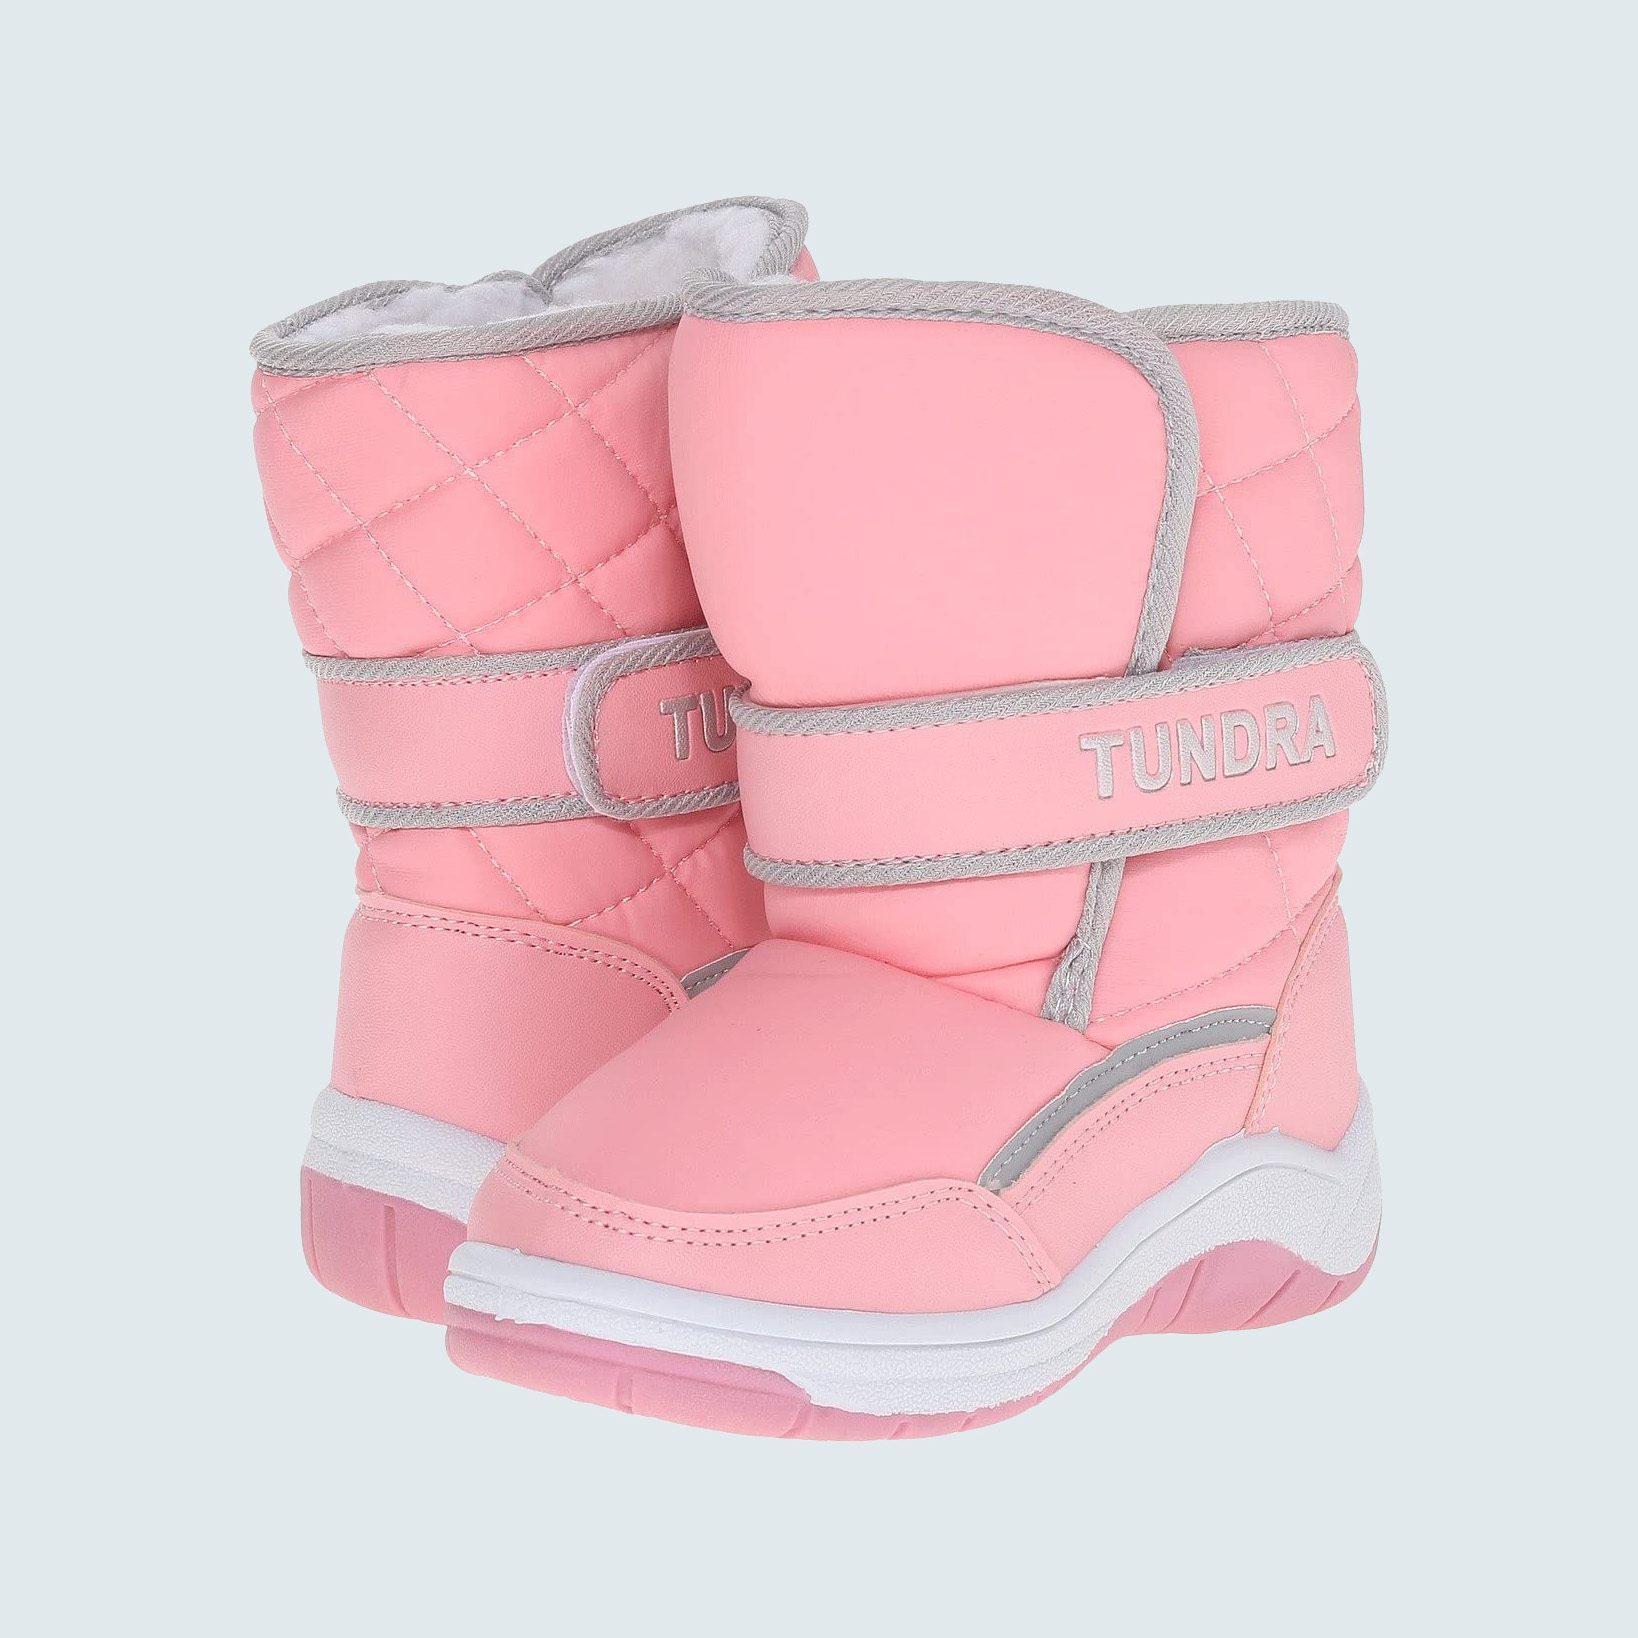 Tundra Boots Kids Snow Kids